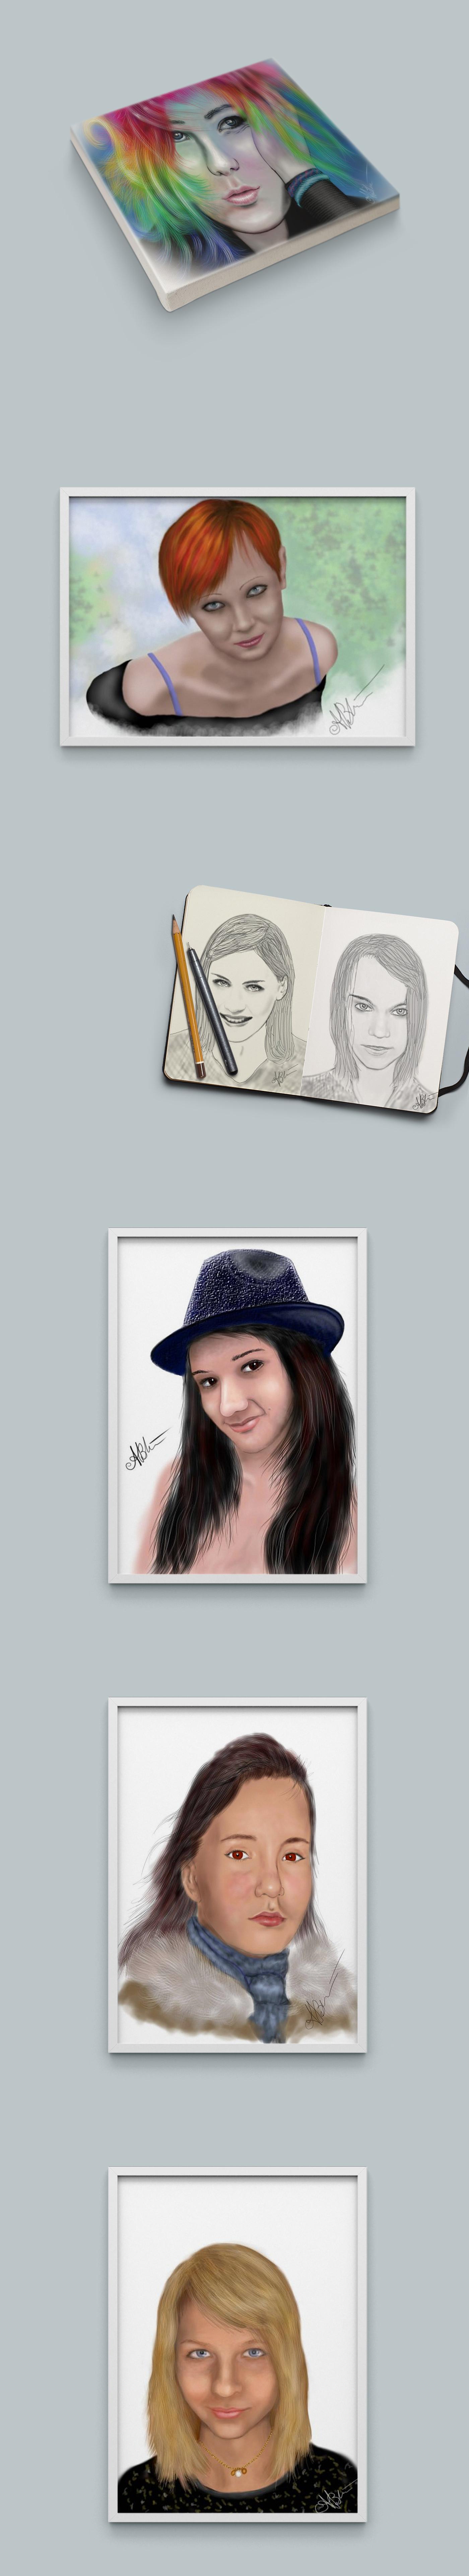 «Цифровые портреты» – рисунки